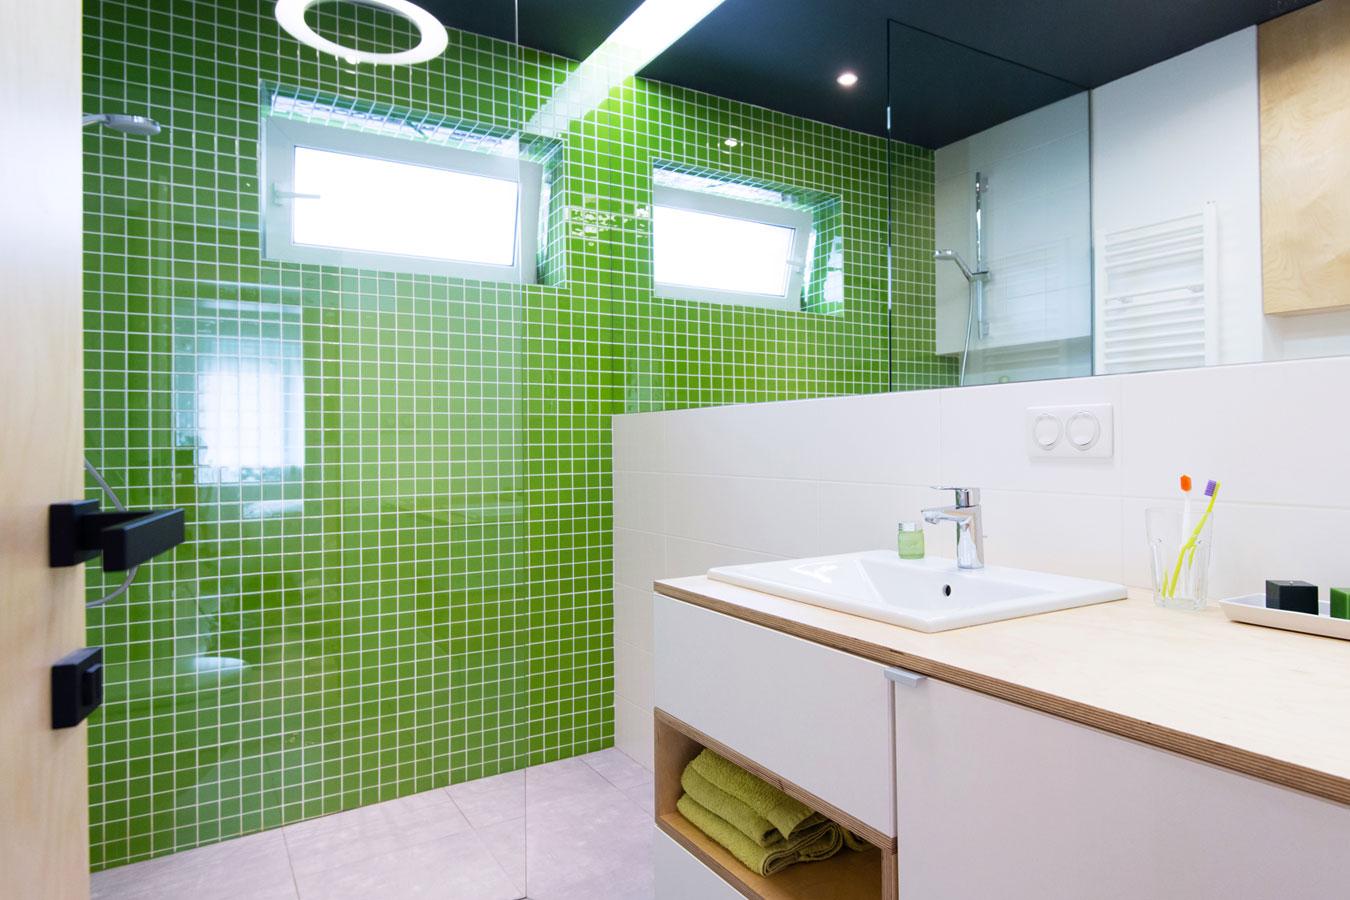 badkamer wandl design] - 100 images - waterdichte spots badkamer 57 ...